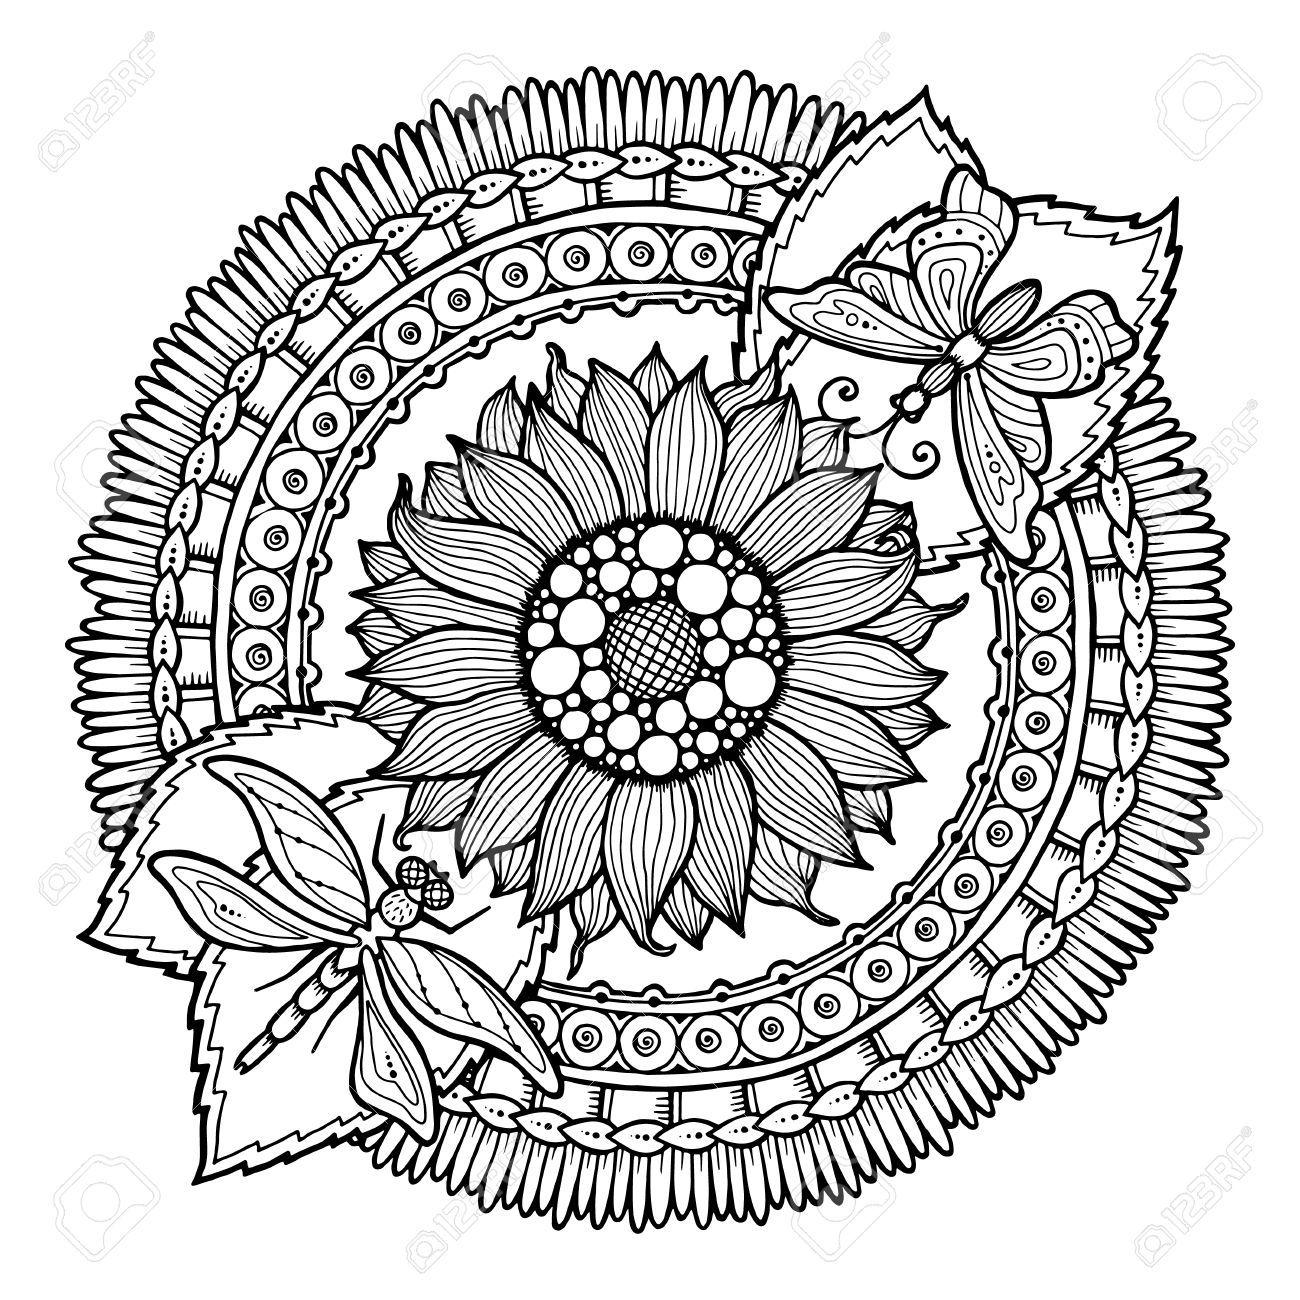 kreis sommer doodle blumen ornament hand gezeichnet kunst mandala hergestellt von trace von. Black Bedroom Furniture Sets. Home Design Ideas